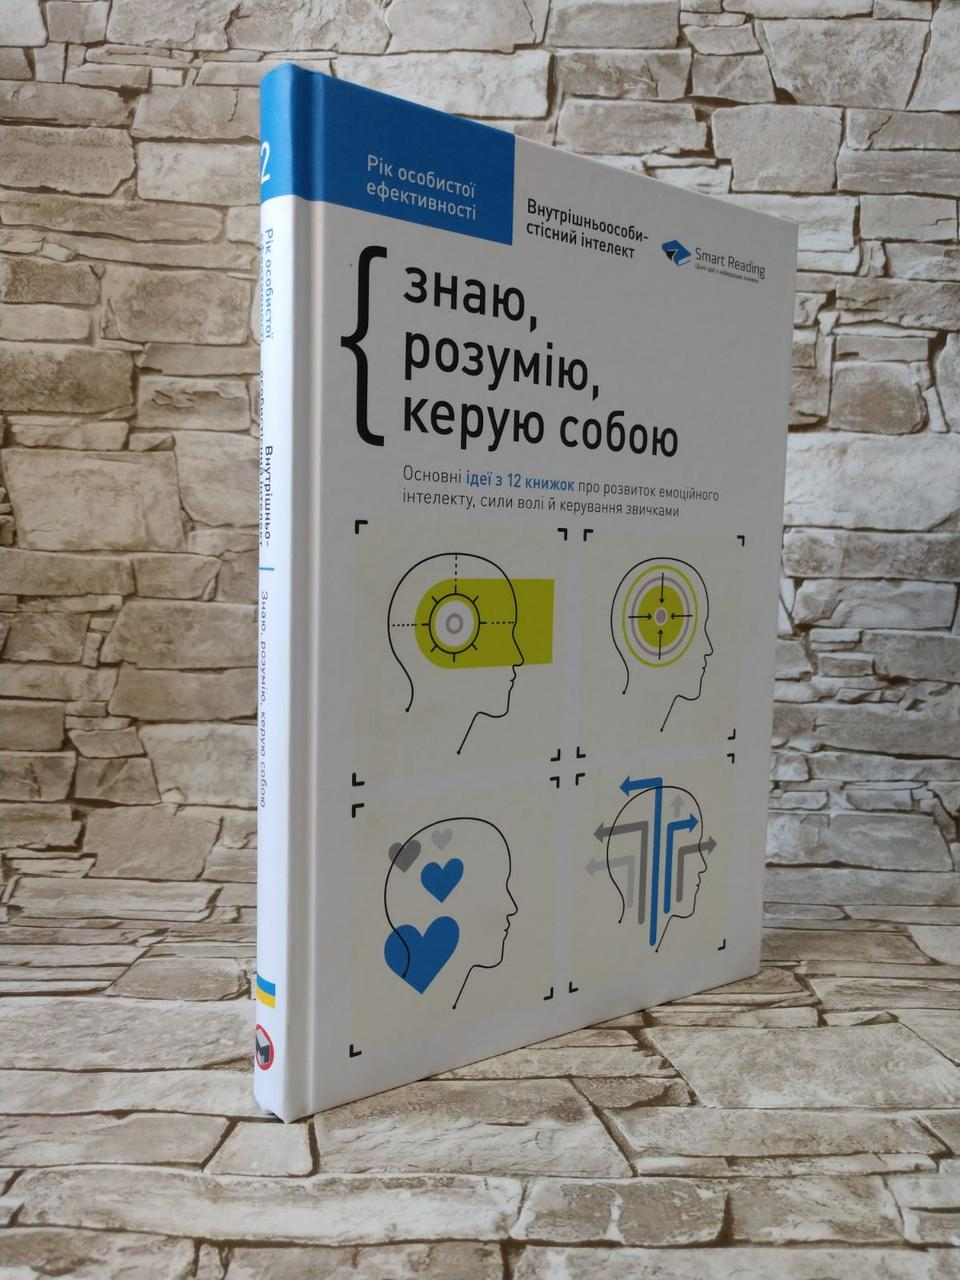 """Книга """"Збірник №2 - «Внутрішньоособистісний інтелект. Знаю, розумію, керую собою»"""" Smart Reading"""